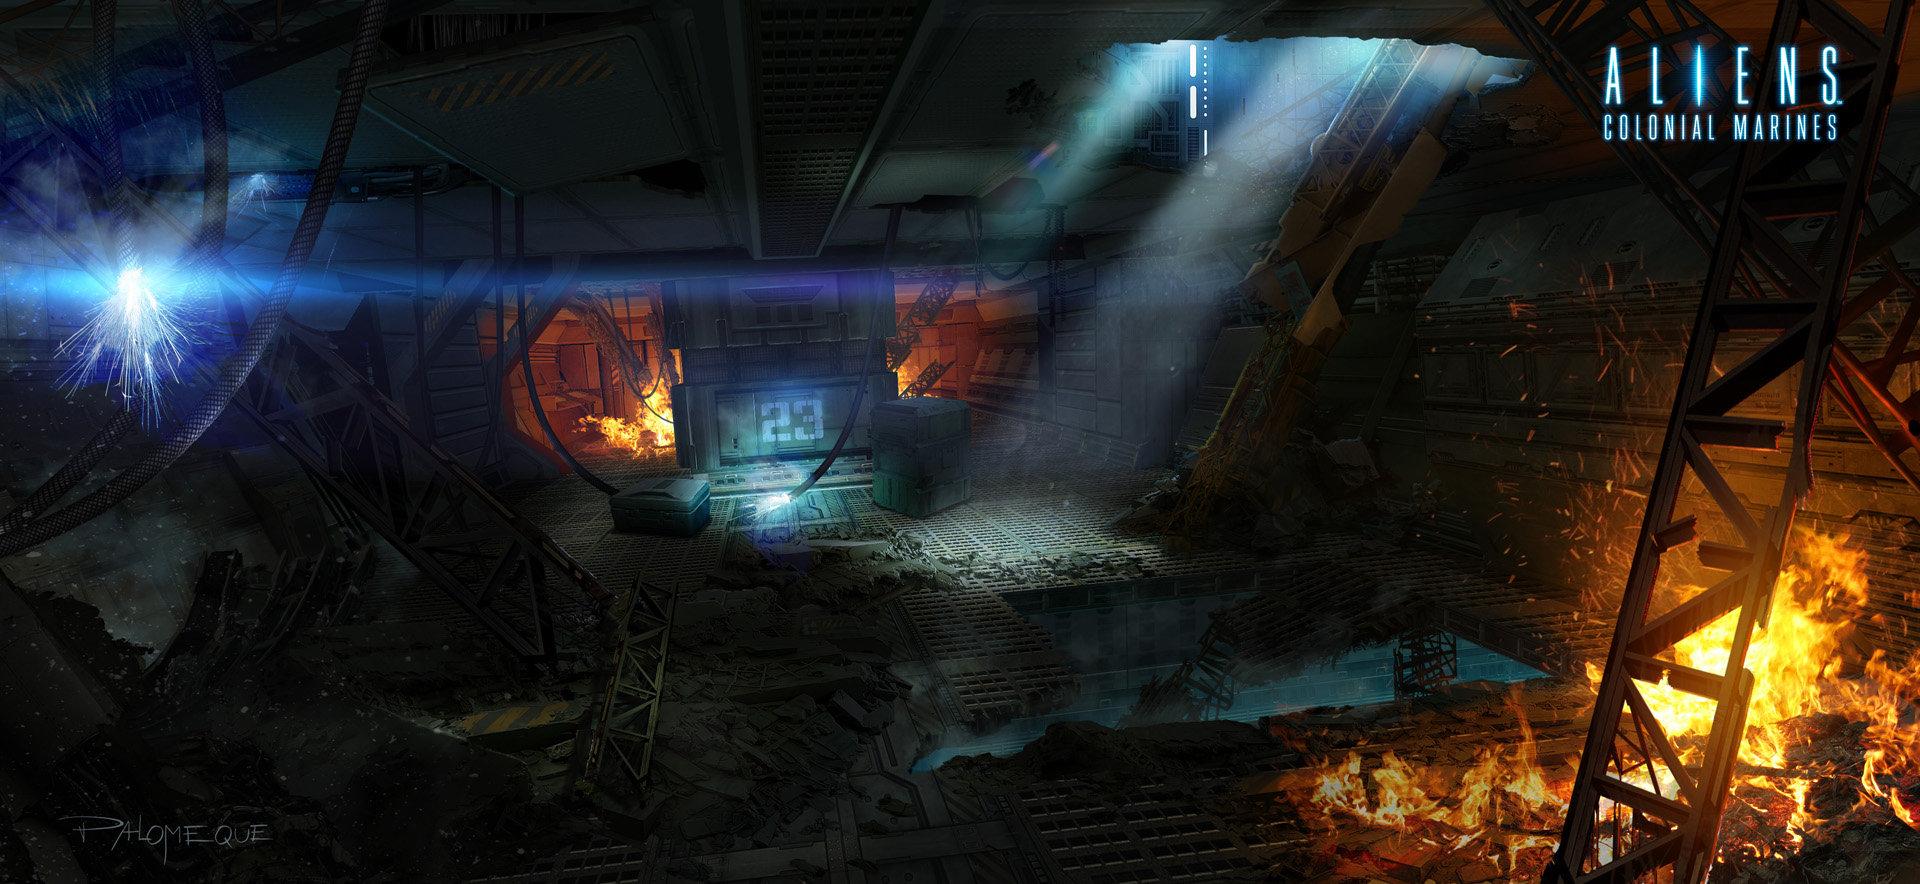 Pablo palomeque acm interior wreckage